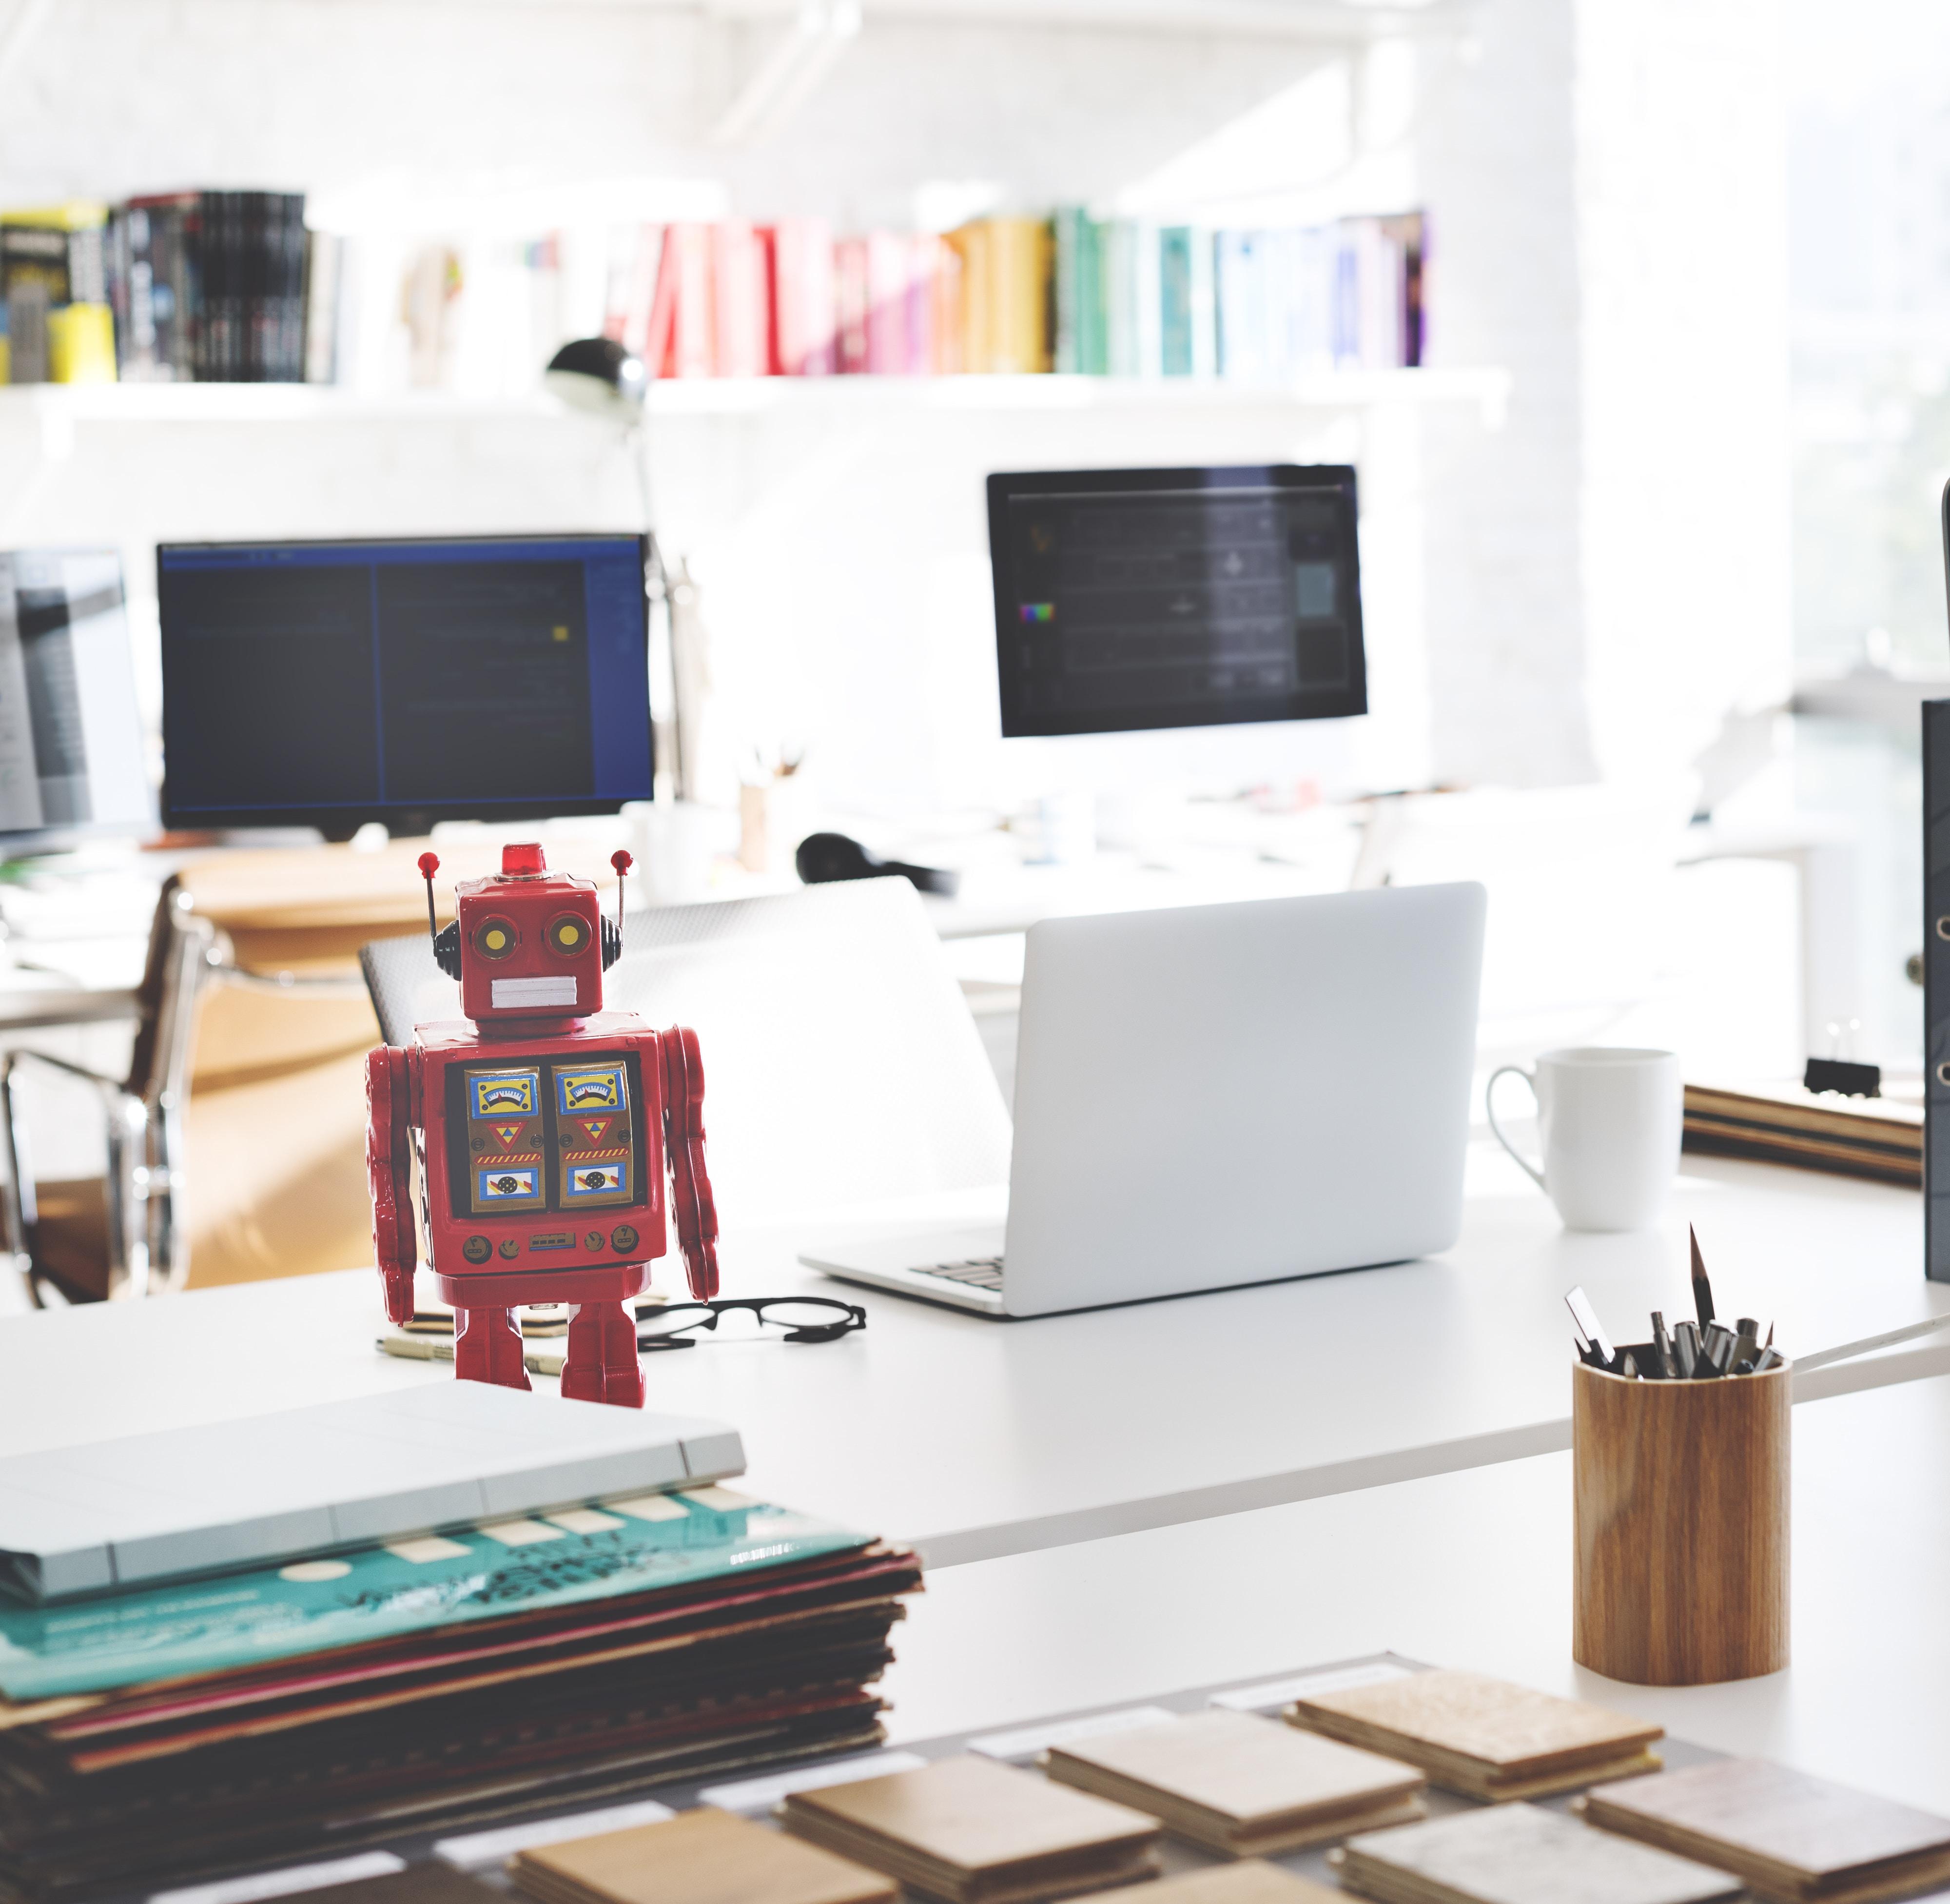 Nouveauté Adwords : Google lance un nouveau type de campagne totalement automatisé : le Smart Display